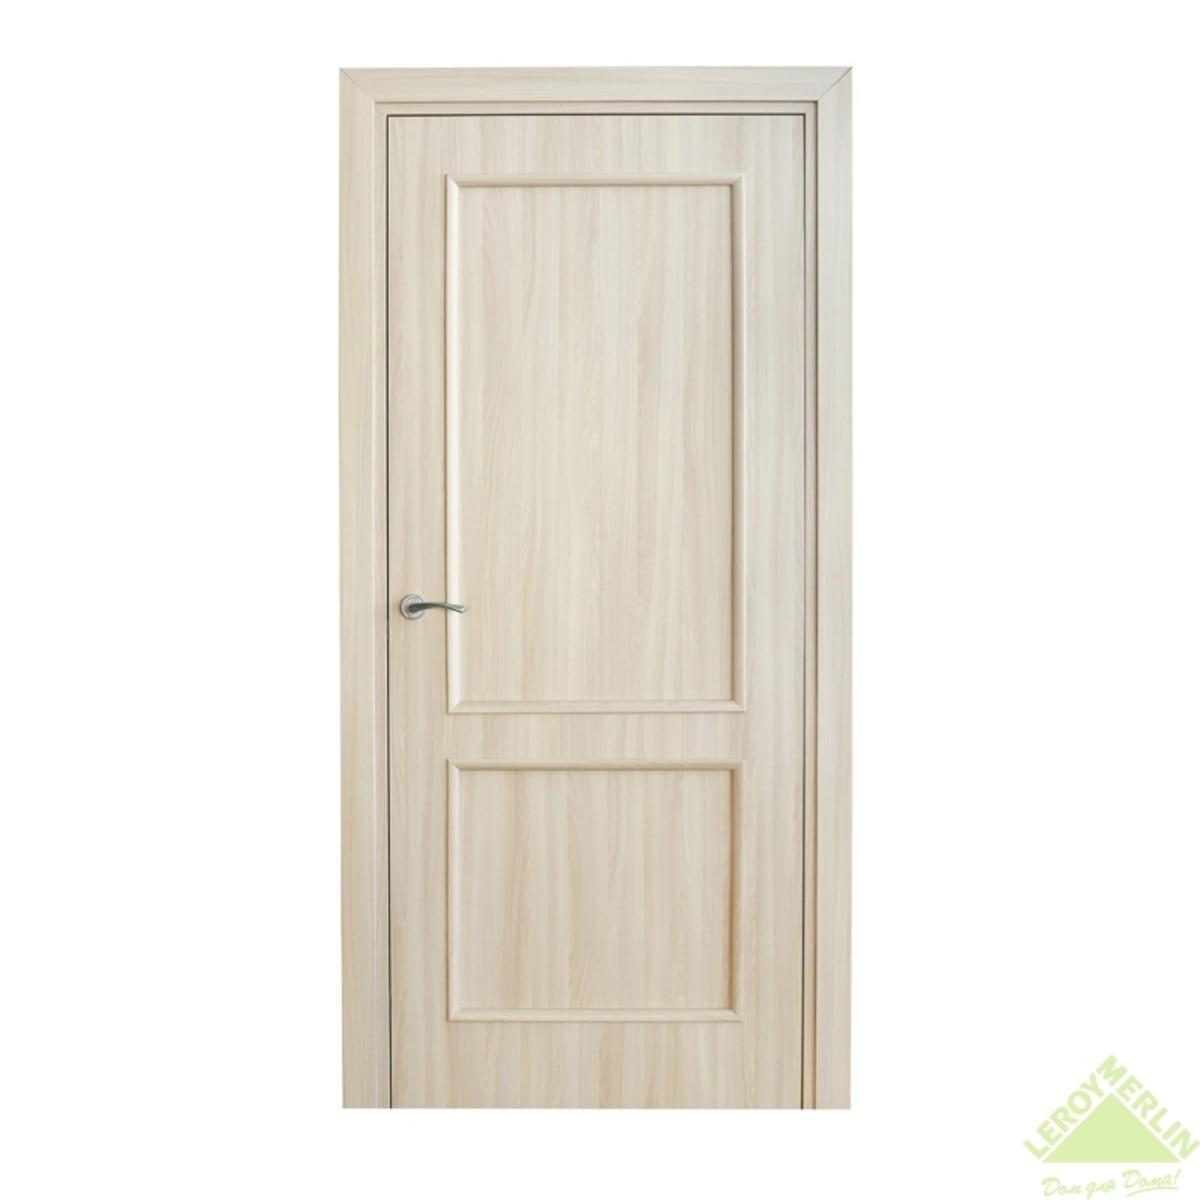 Дверь Межкомнатная Глухая Фортунато Классика 60x200 Ламинация Цвет Ясень